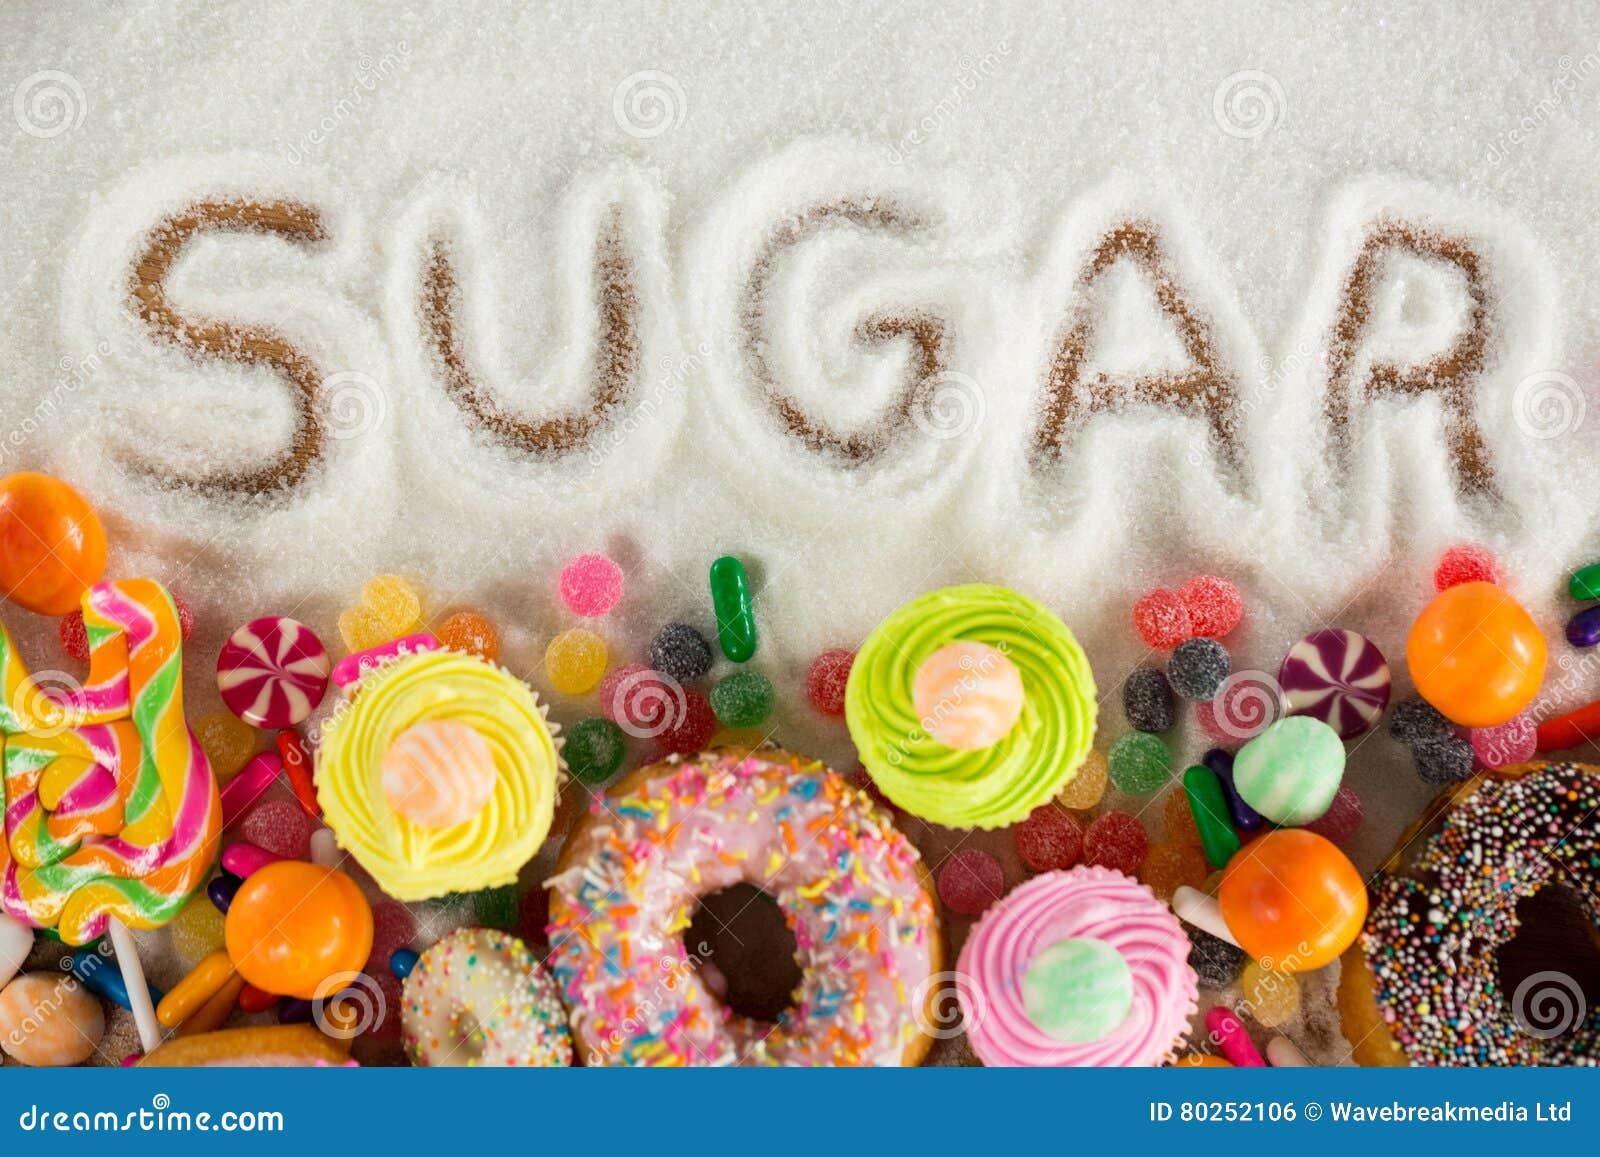 Sugar written on sugar powder